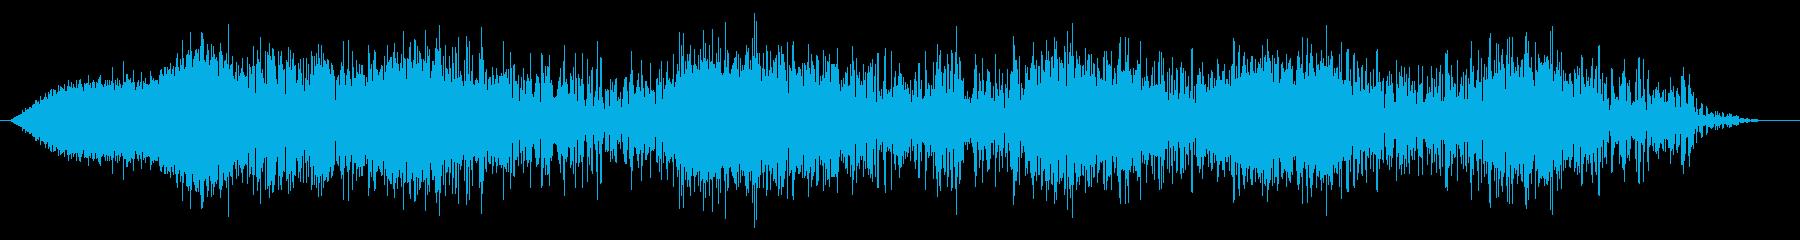 ゴー!火球・火炎系魔法#6発動音付きの再生済みの波形